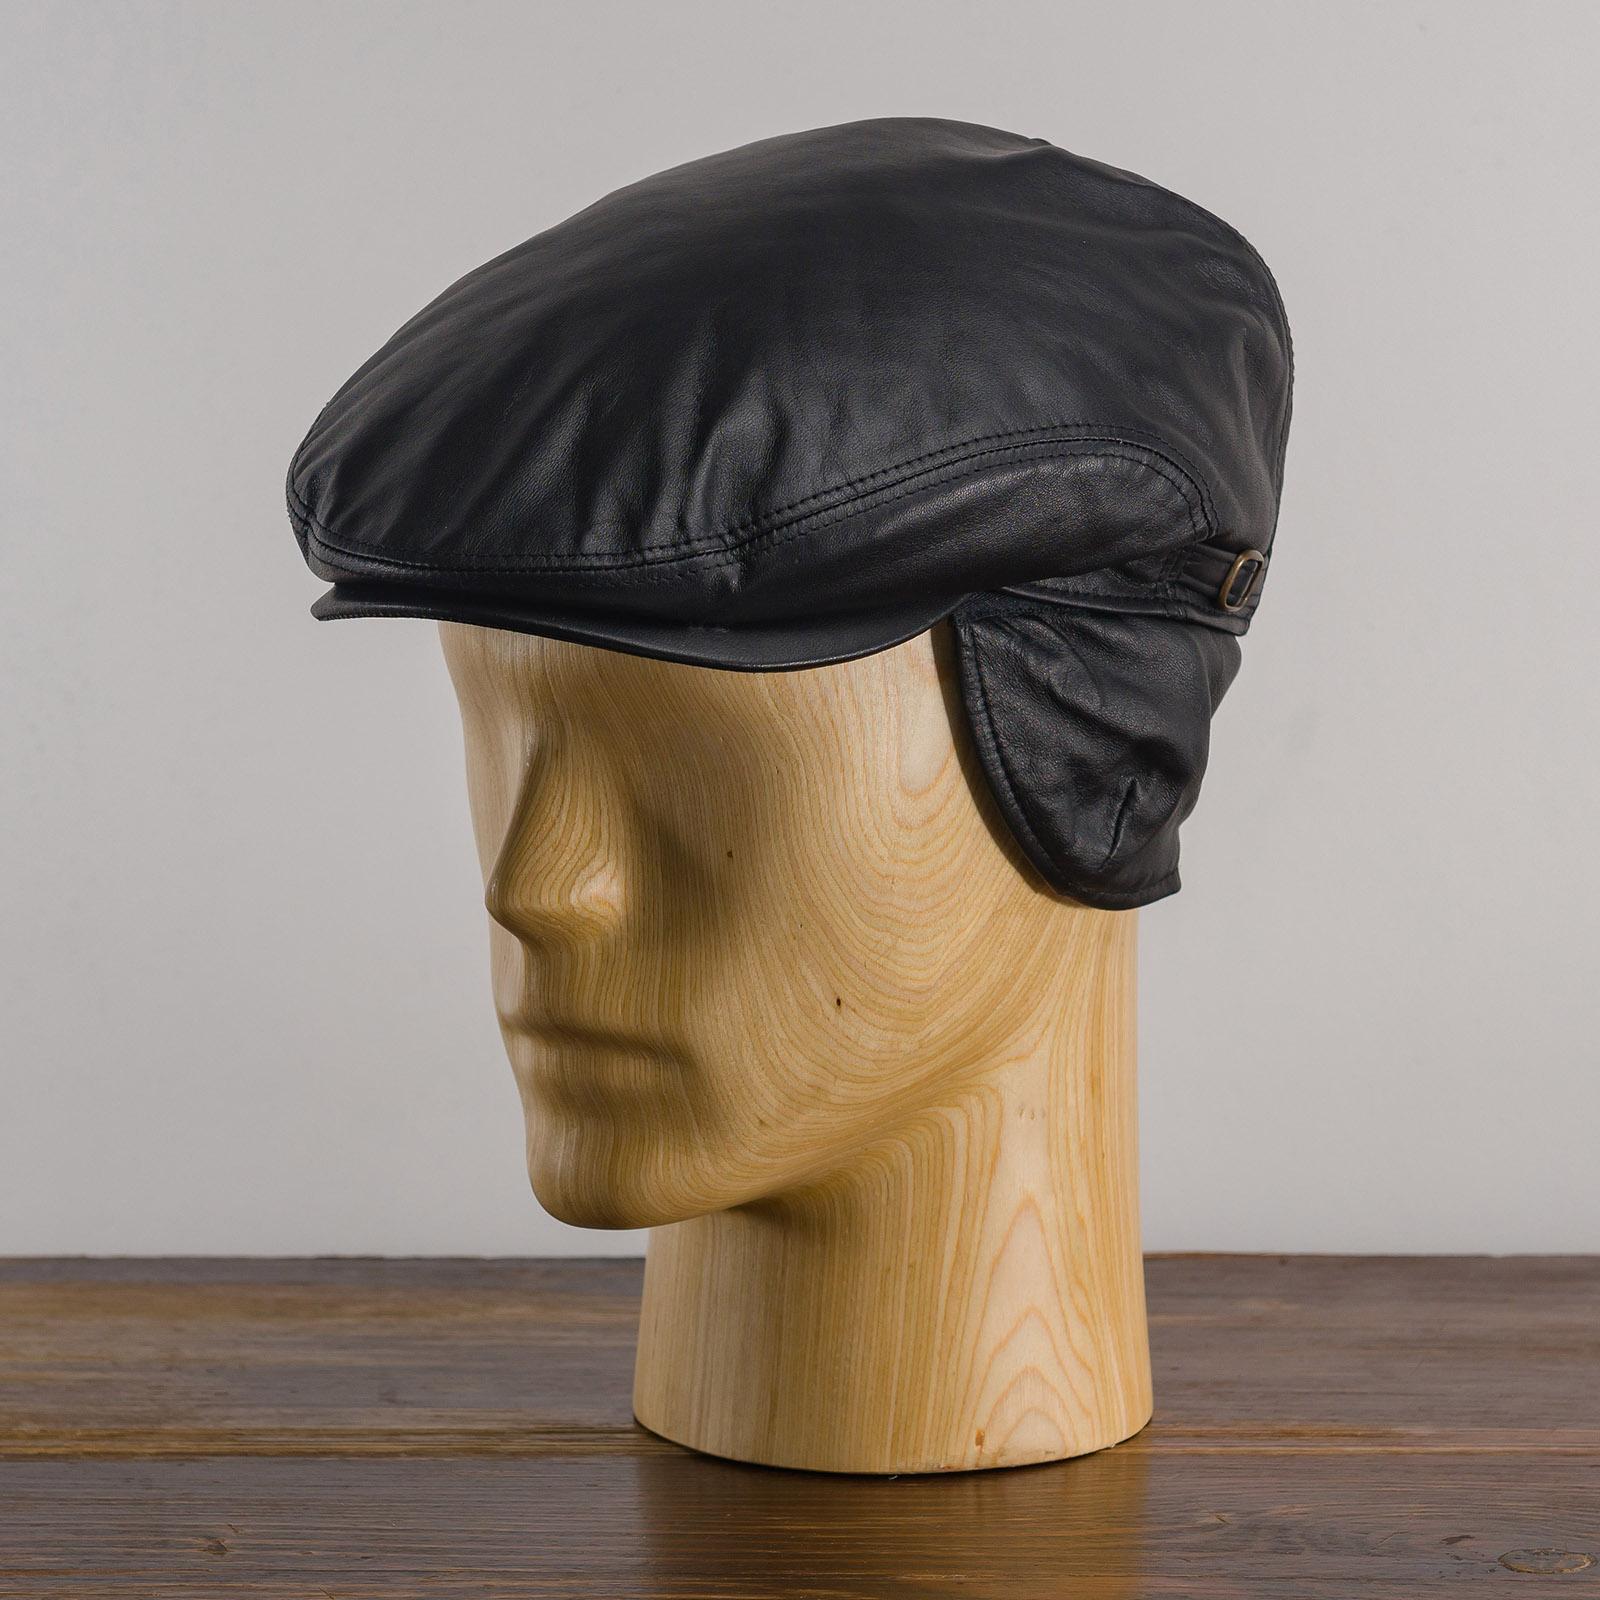 Byron - Mütze mit ohrenschutzer, ledermütze männer, schöne wintermütze